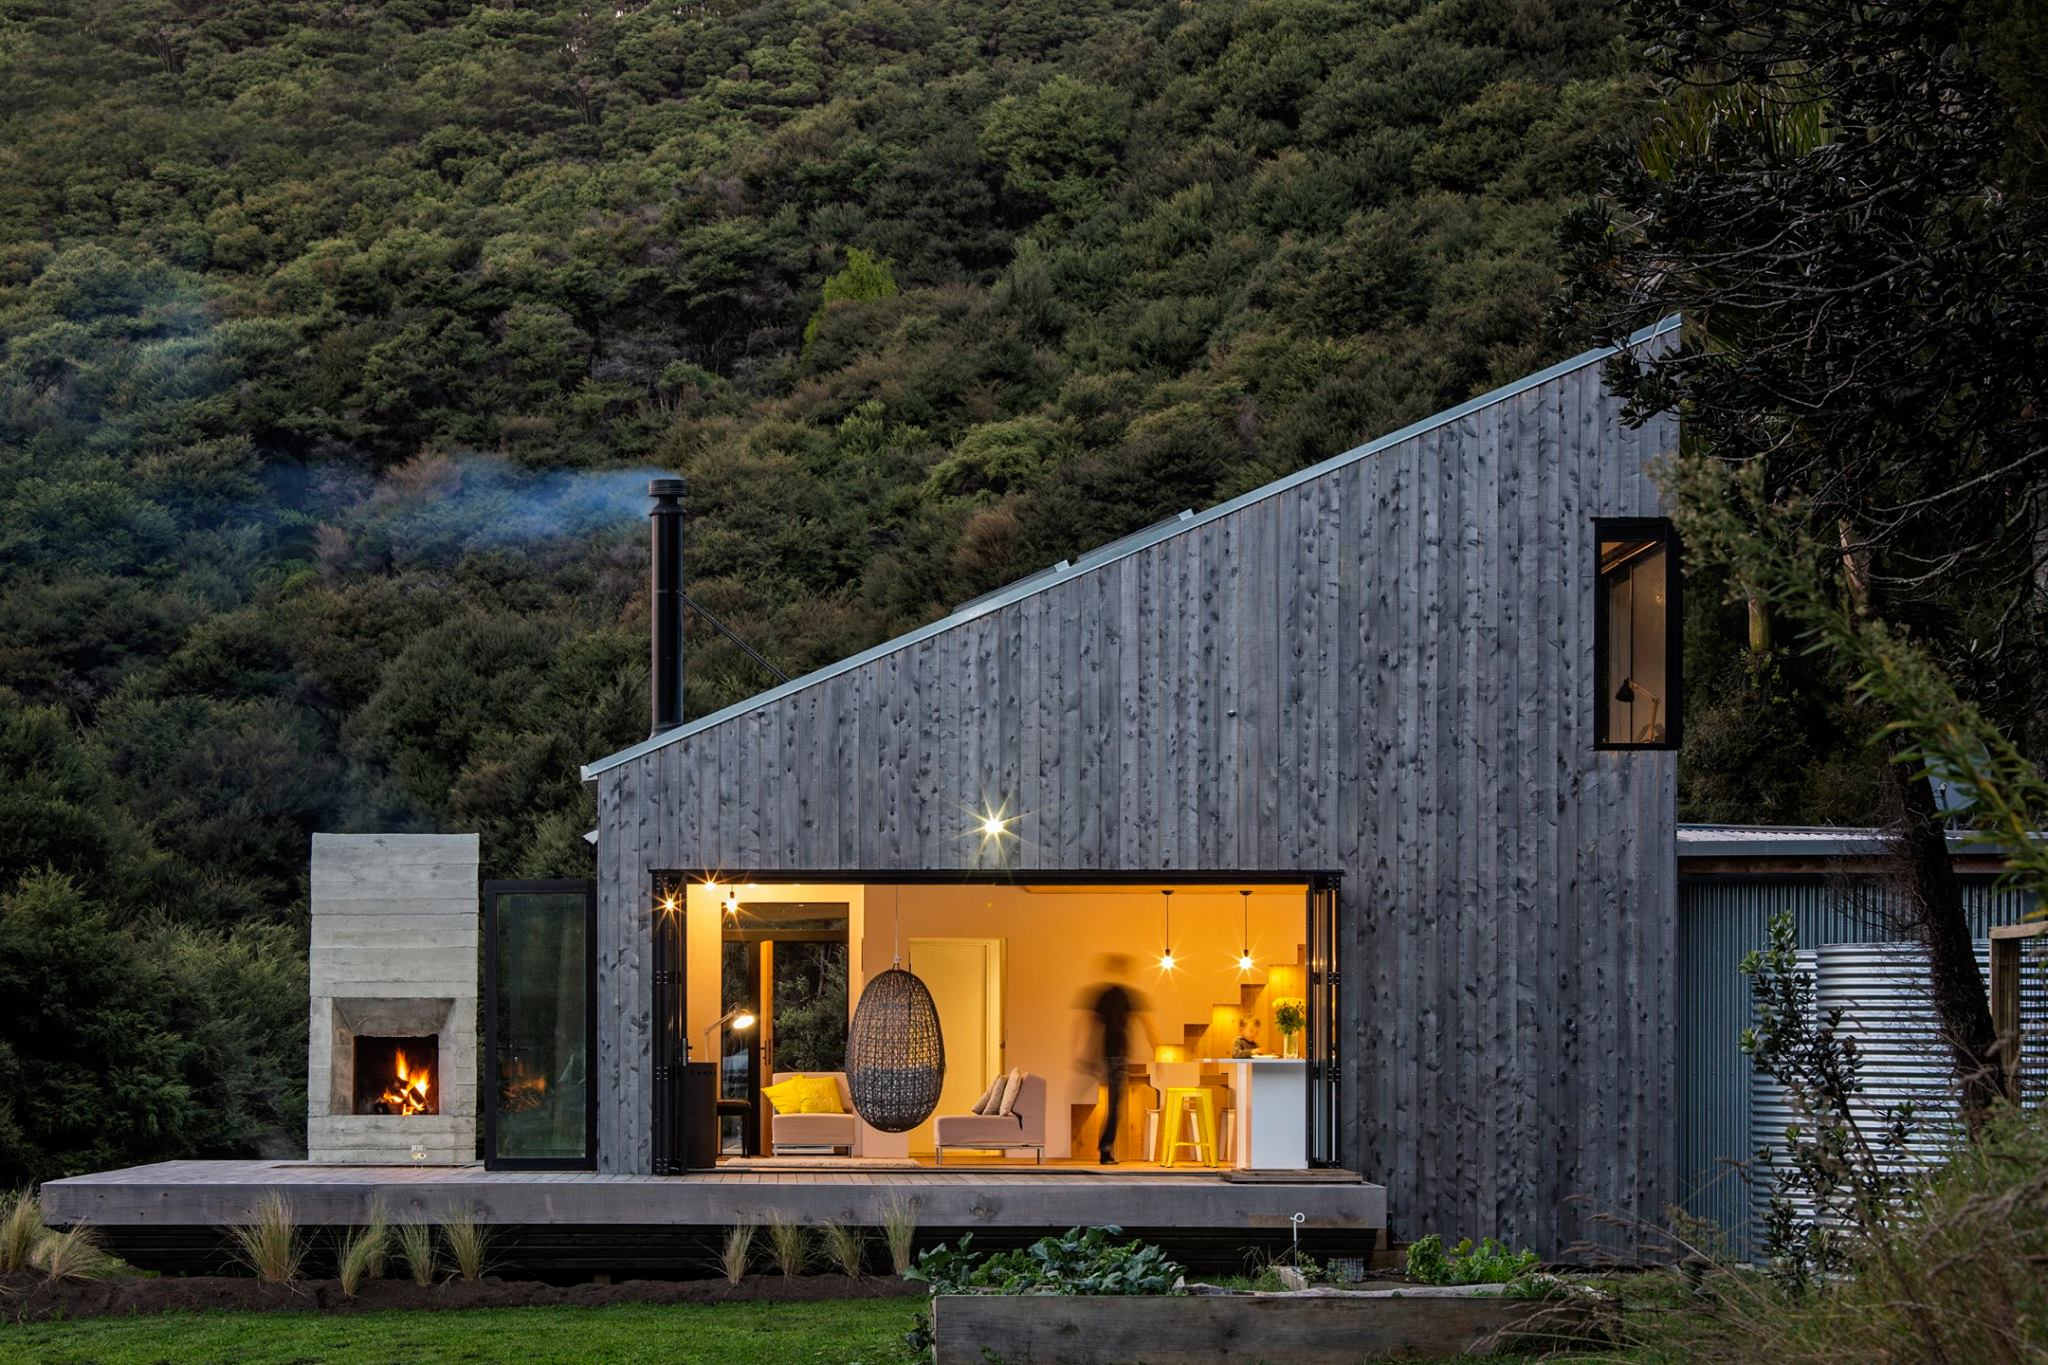 Una casa de campo por David Maurice. Una vivienda en Puhio ...